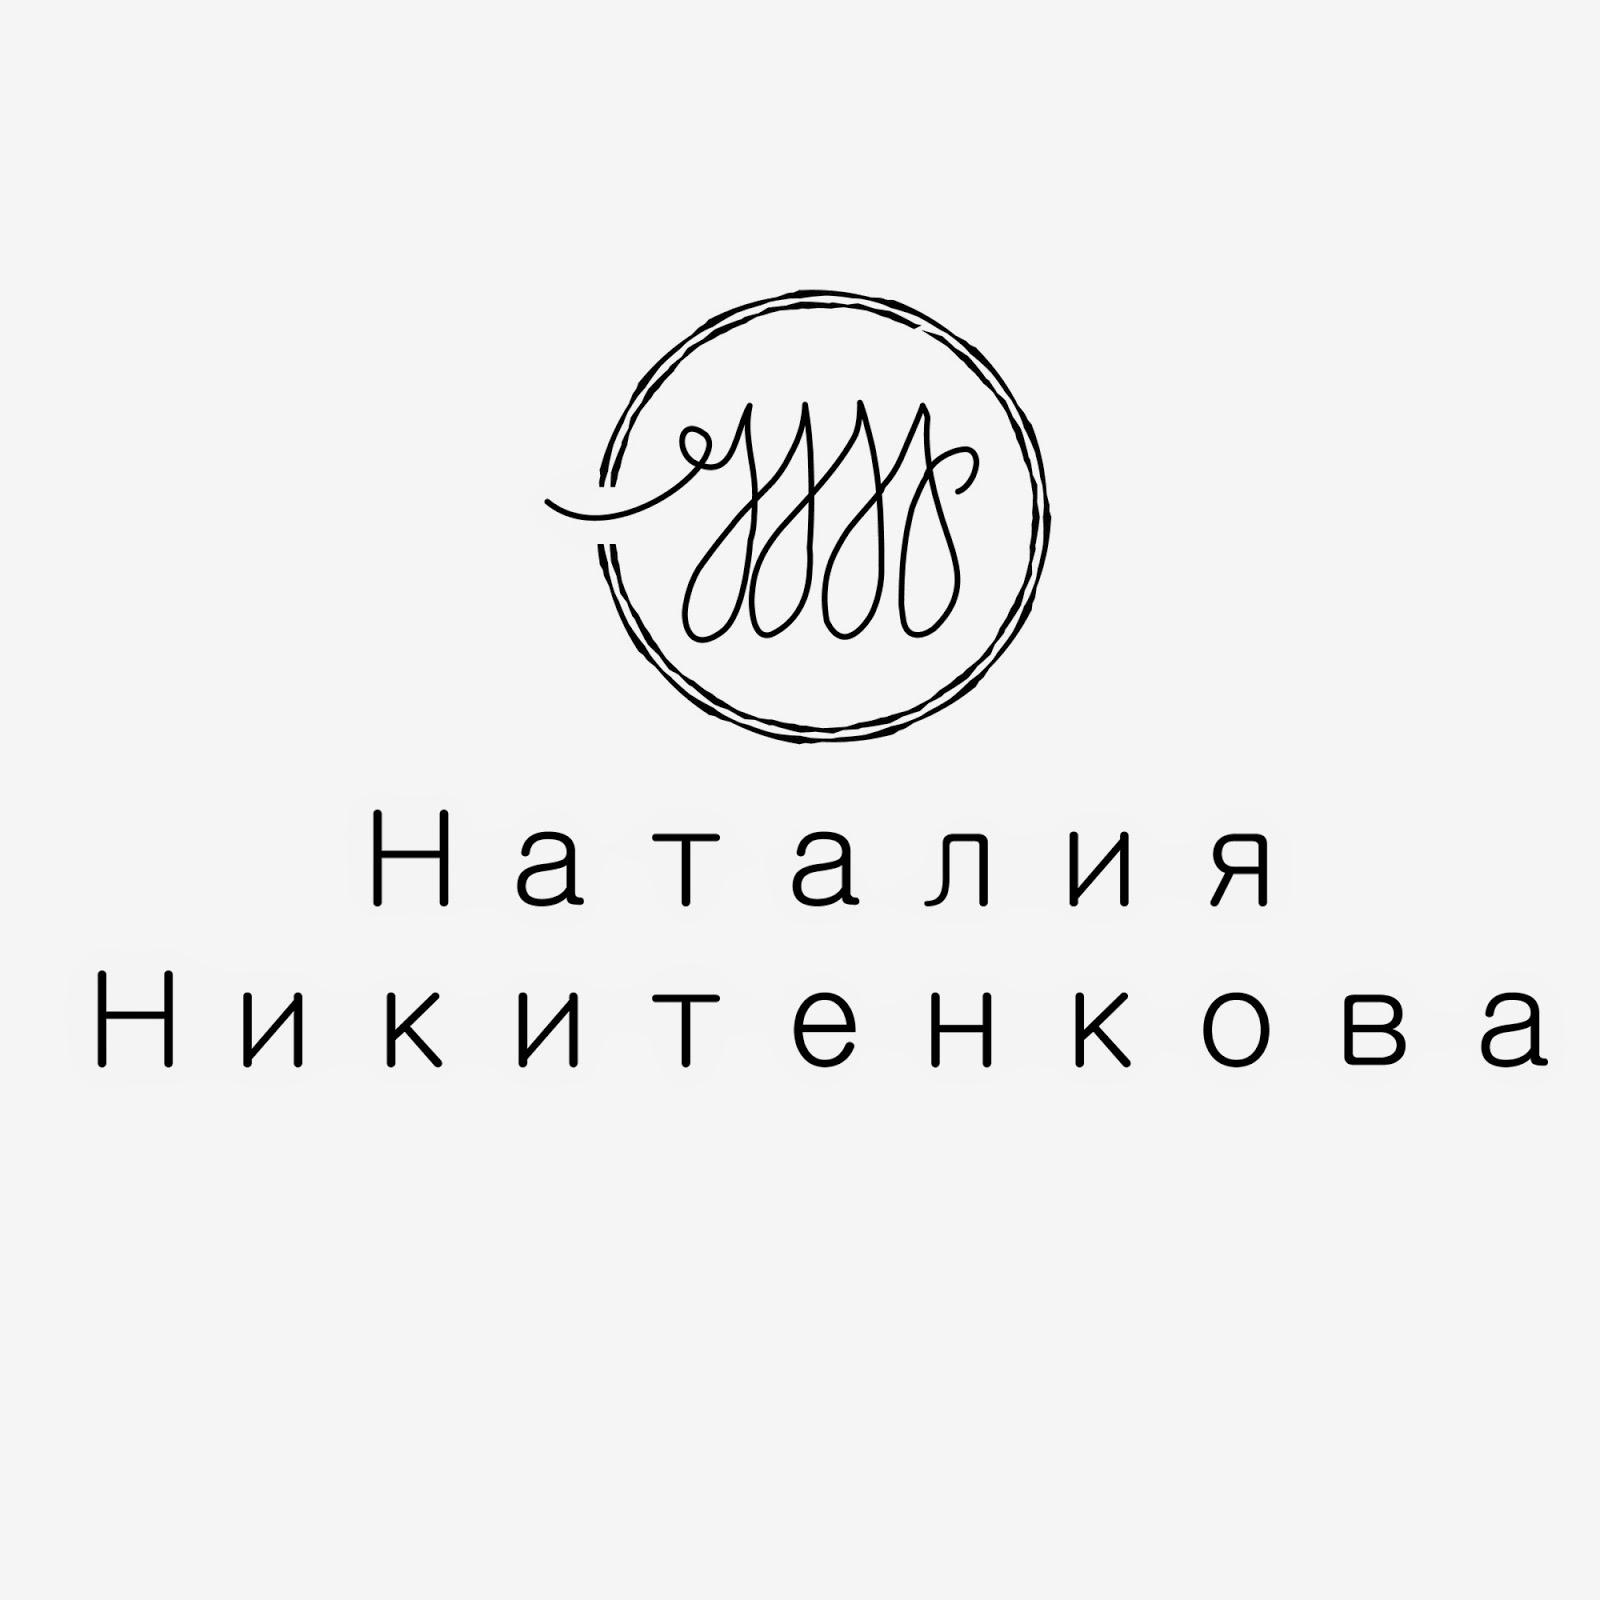 логотип, Никитенкова Наталия, лого, ручная работа, handmade